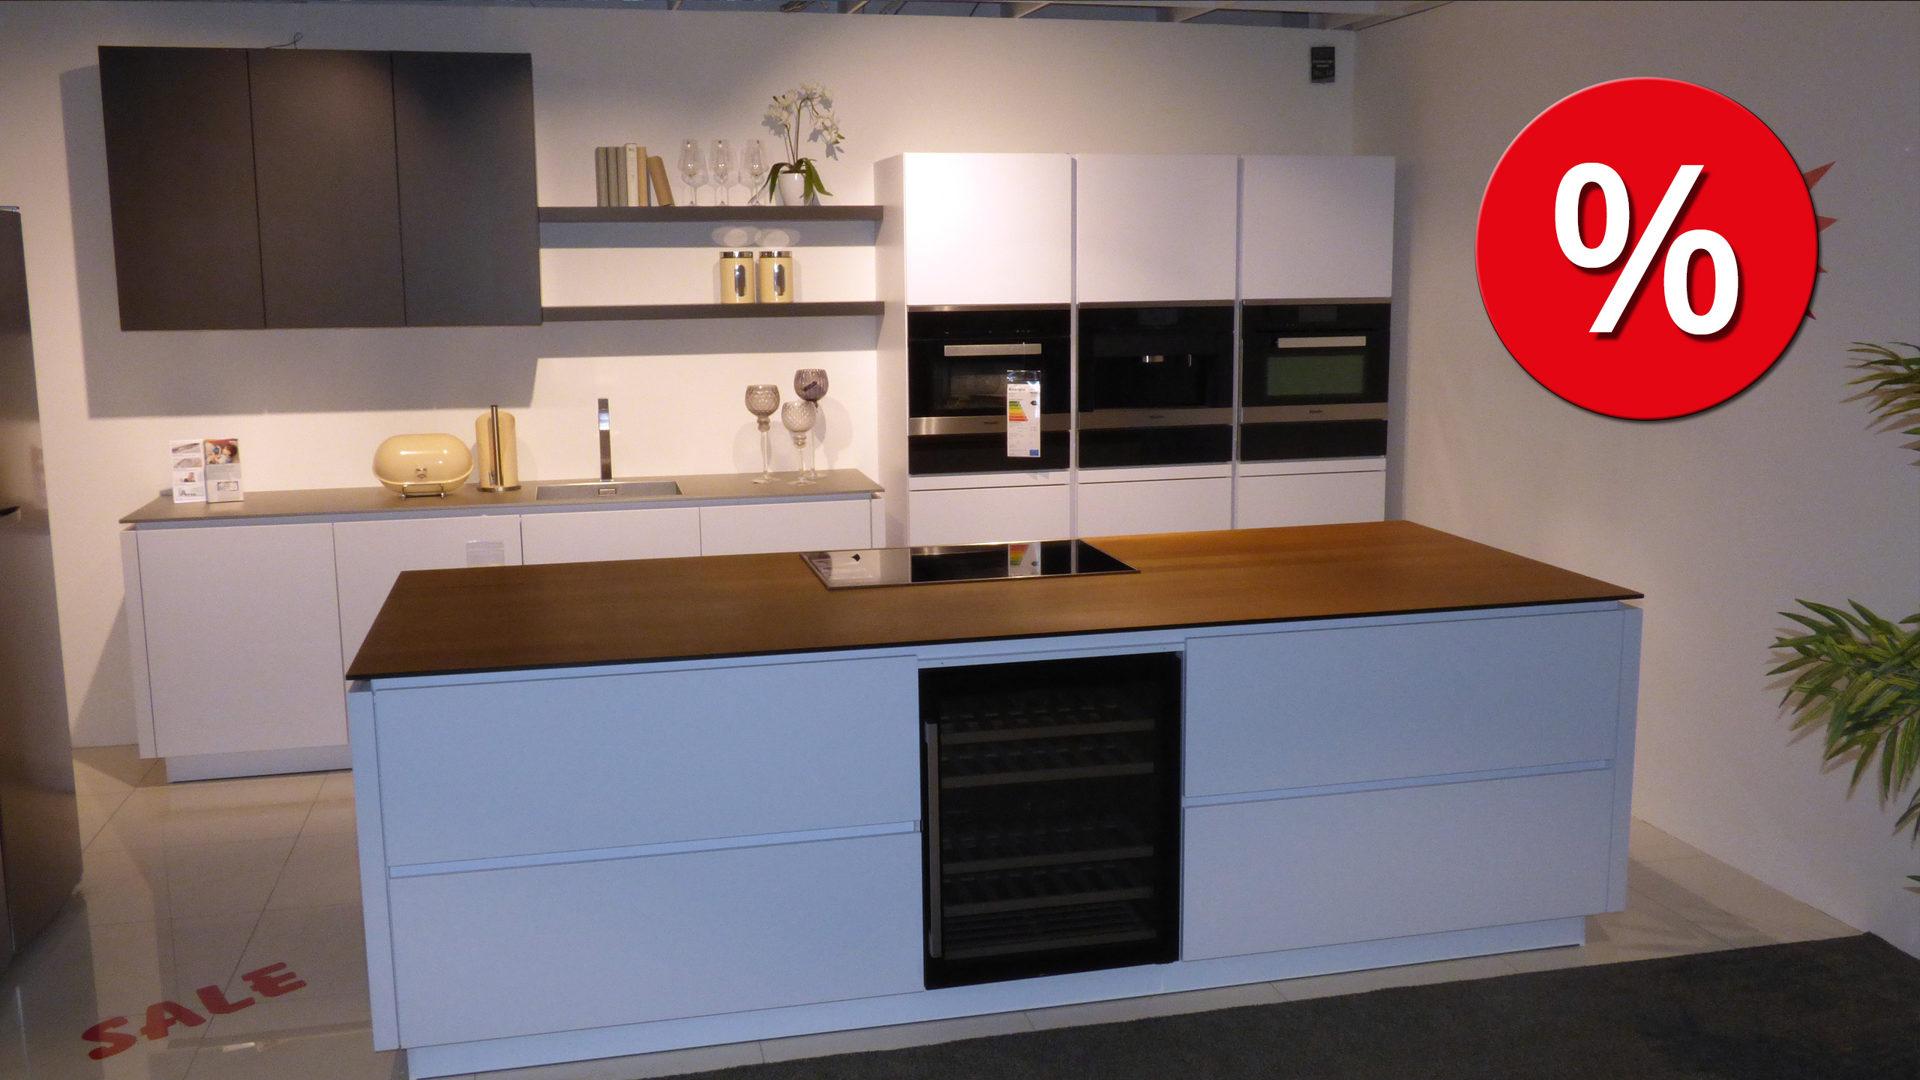 Küchen Bad Homburg grifflose alno küche einbauküche sund inkl miele e geräte und bad